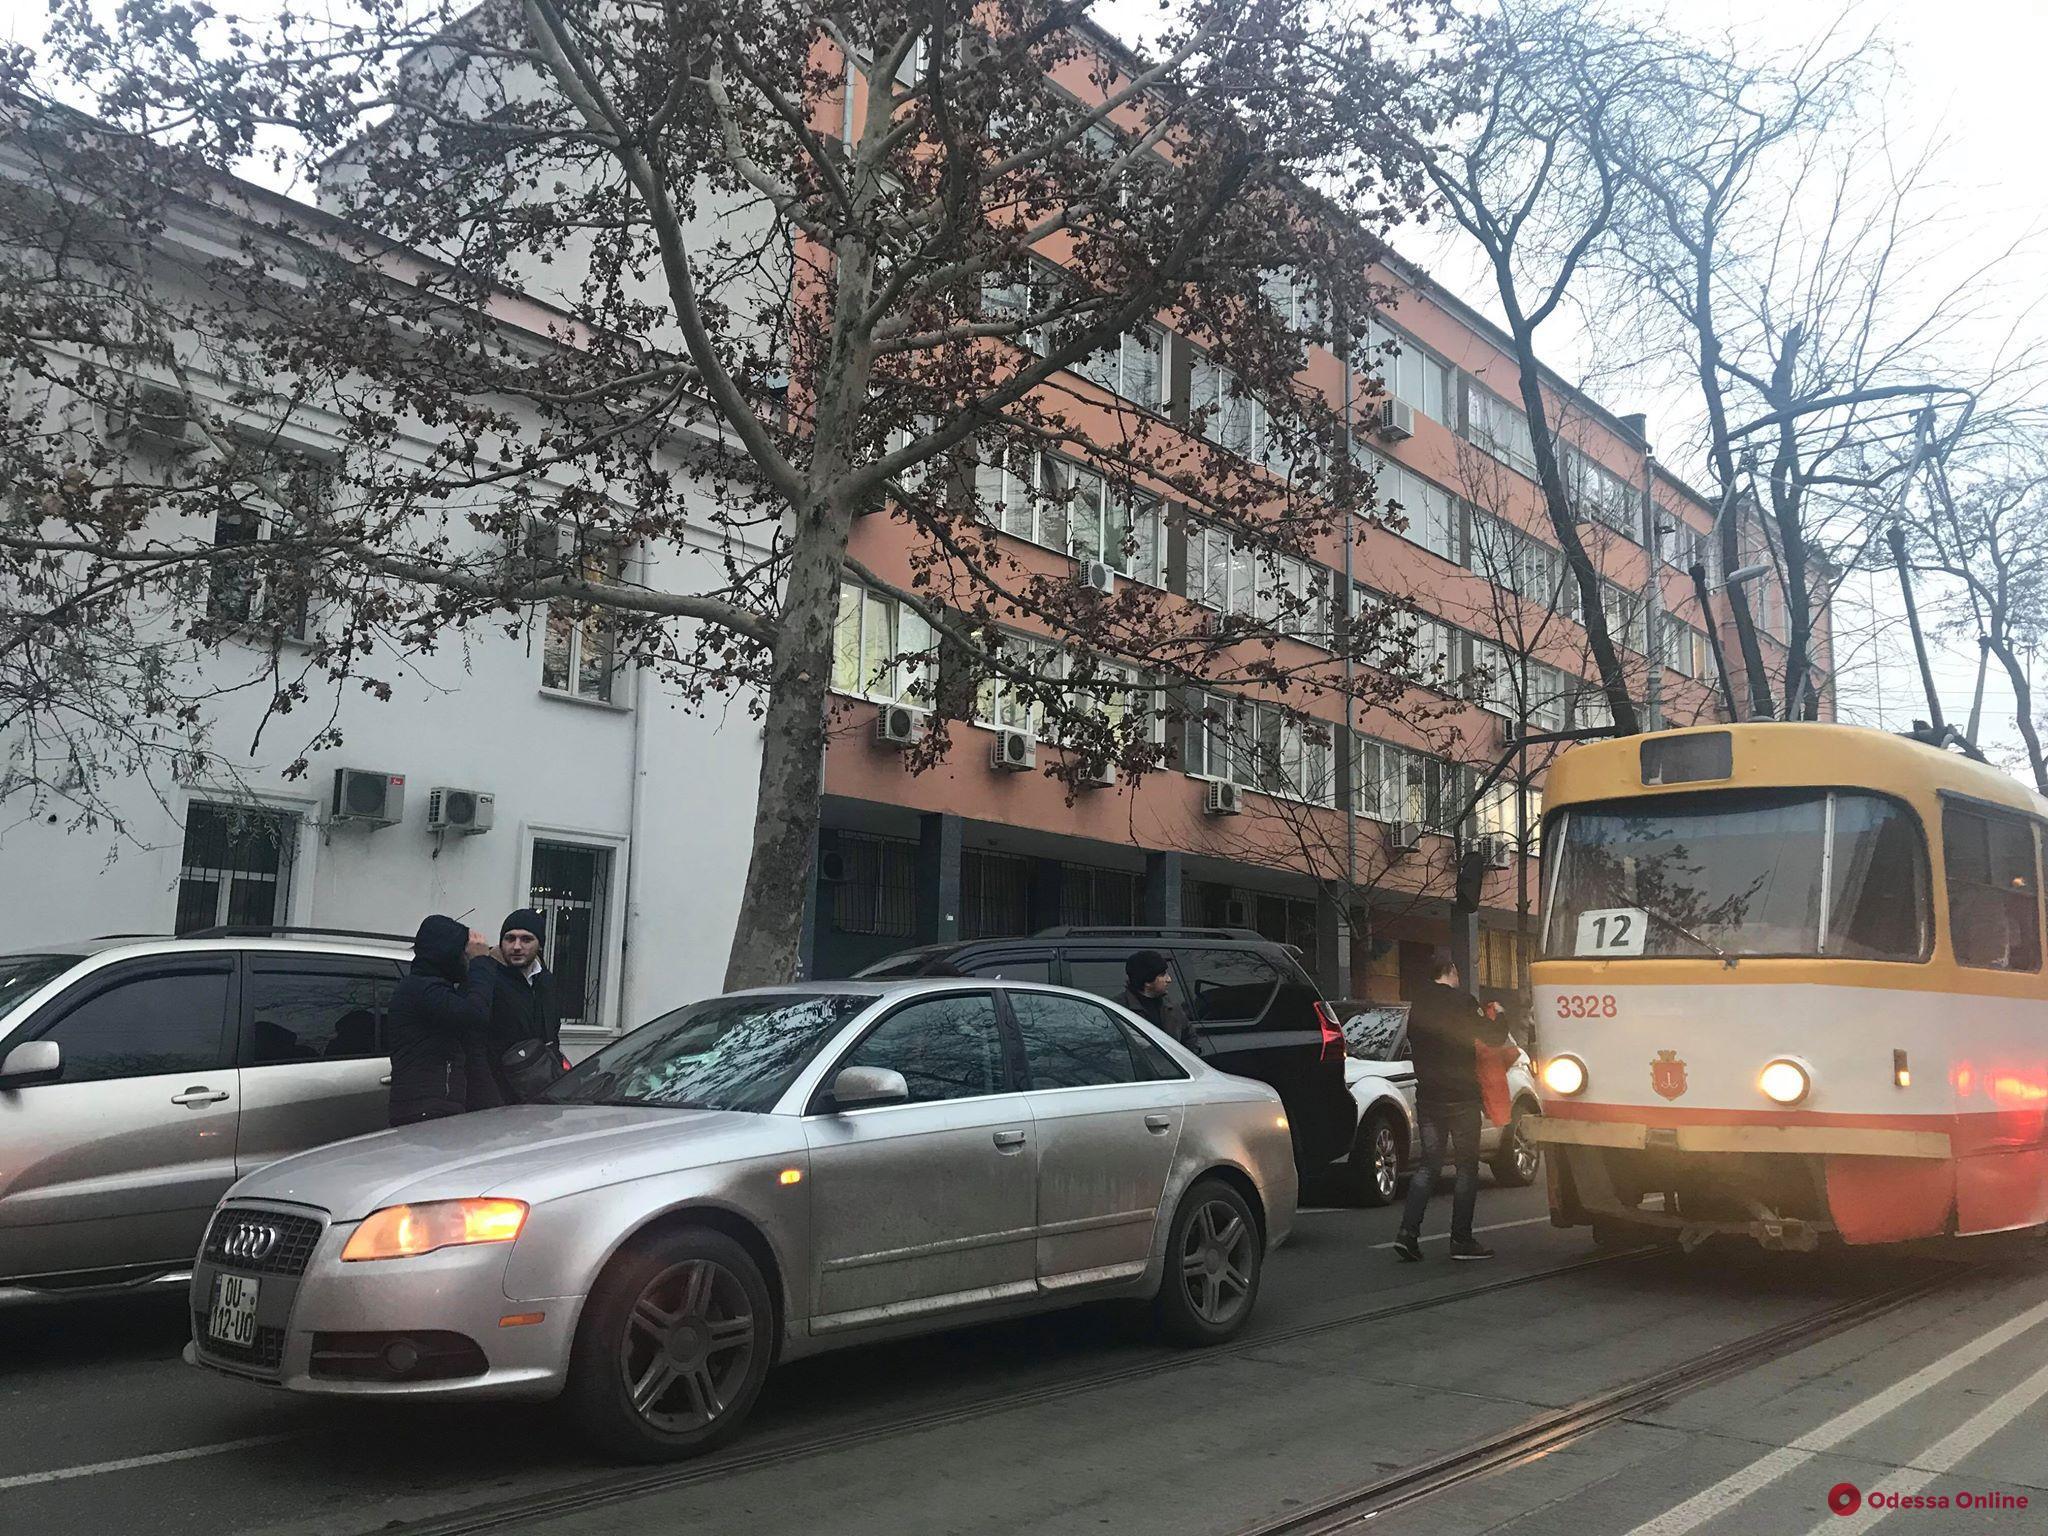 В центре Одессы из-за сломанного автомобиля образовалась пробка